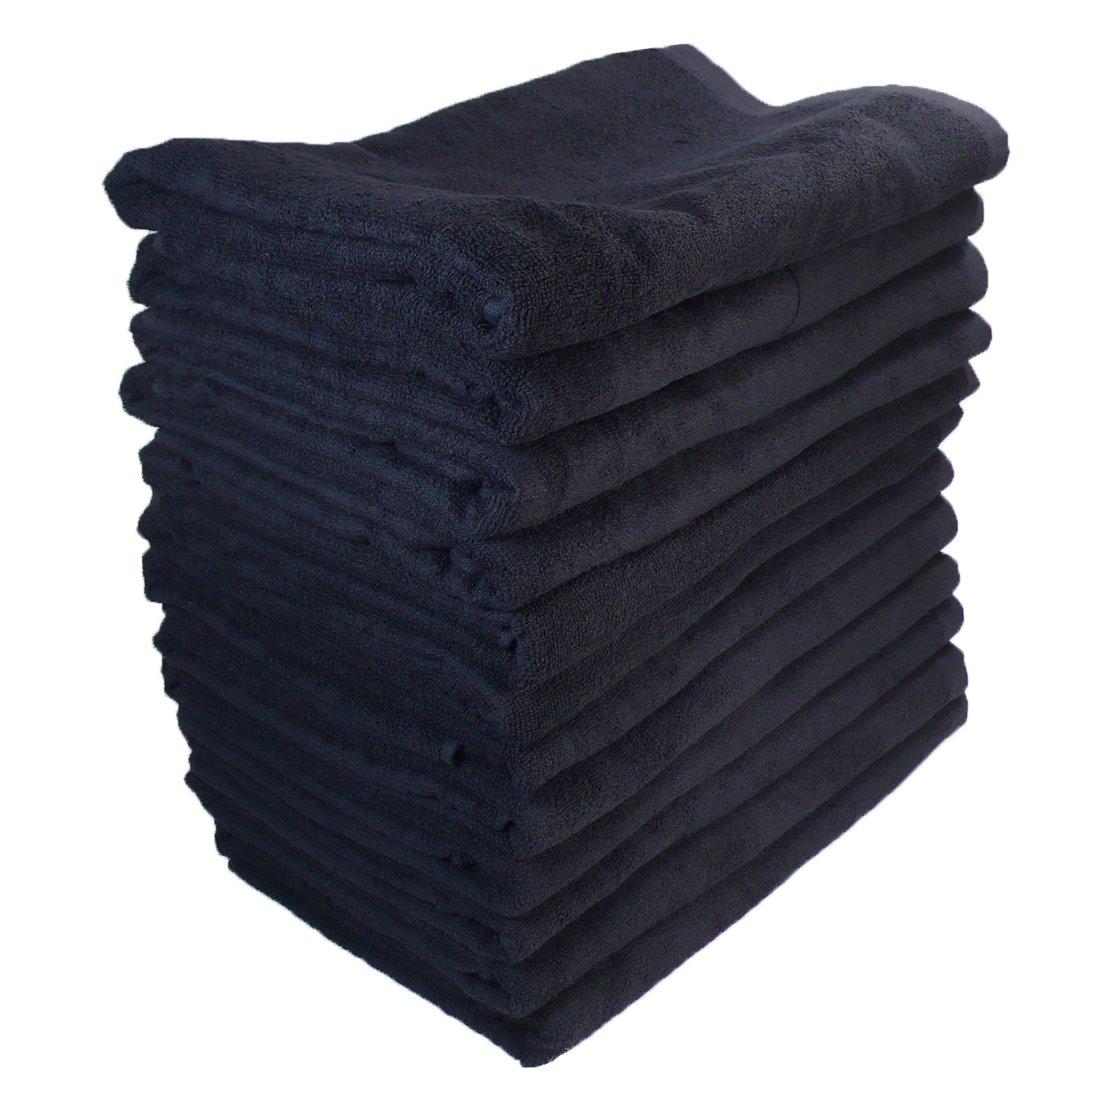 バスタオル 業務用 大判 1000匁 約70×140cm 綿100% レピア織 スレンカラー 耳かざりミシン(12枚販売) (ブラック) B01MG2SY3M ブラック